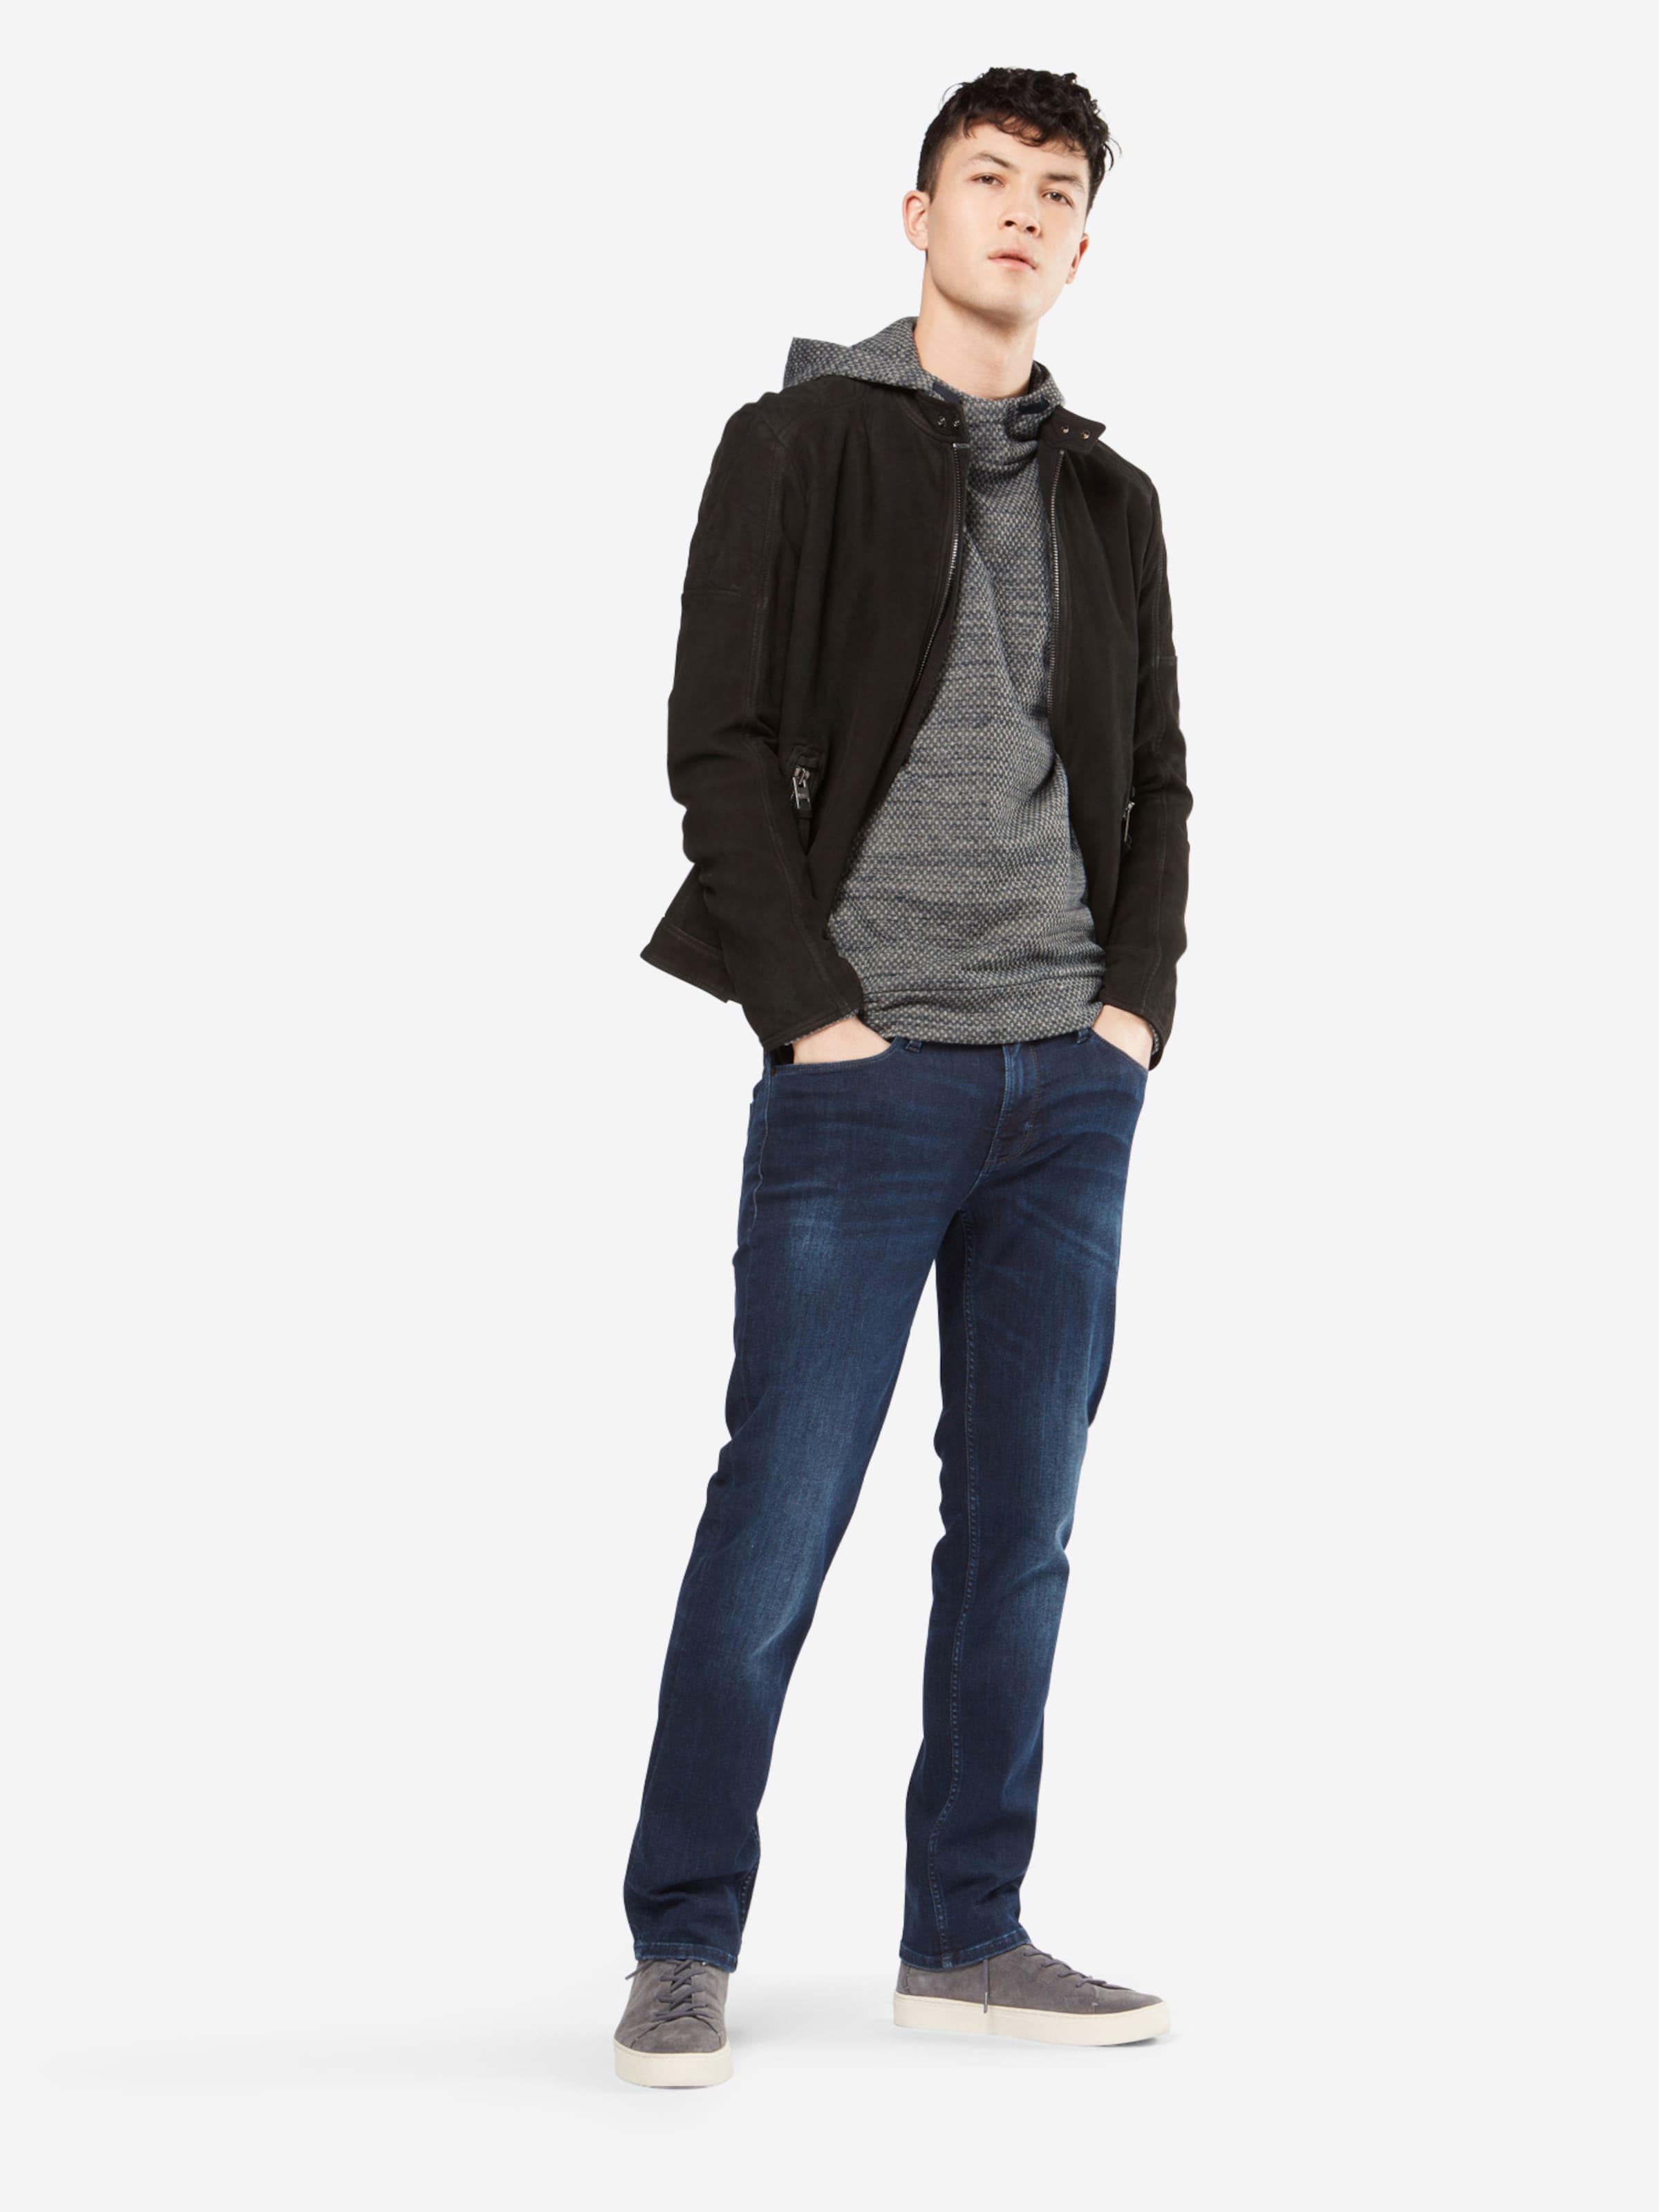 BOSS Sweatshirt mit Kapuze 'Wision' Billige Neue Stile gEkvn